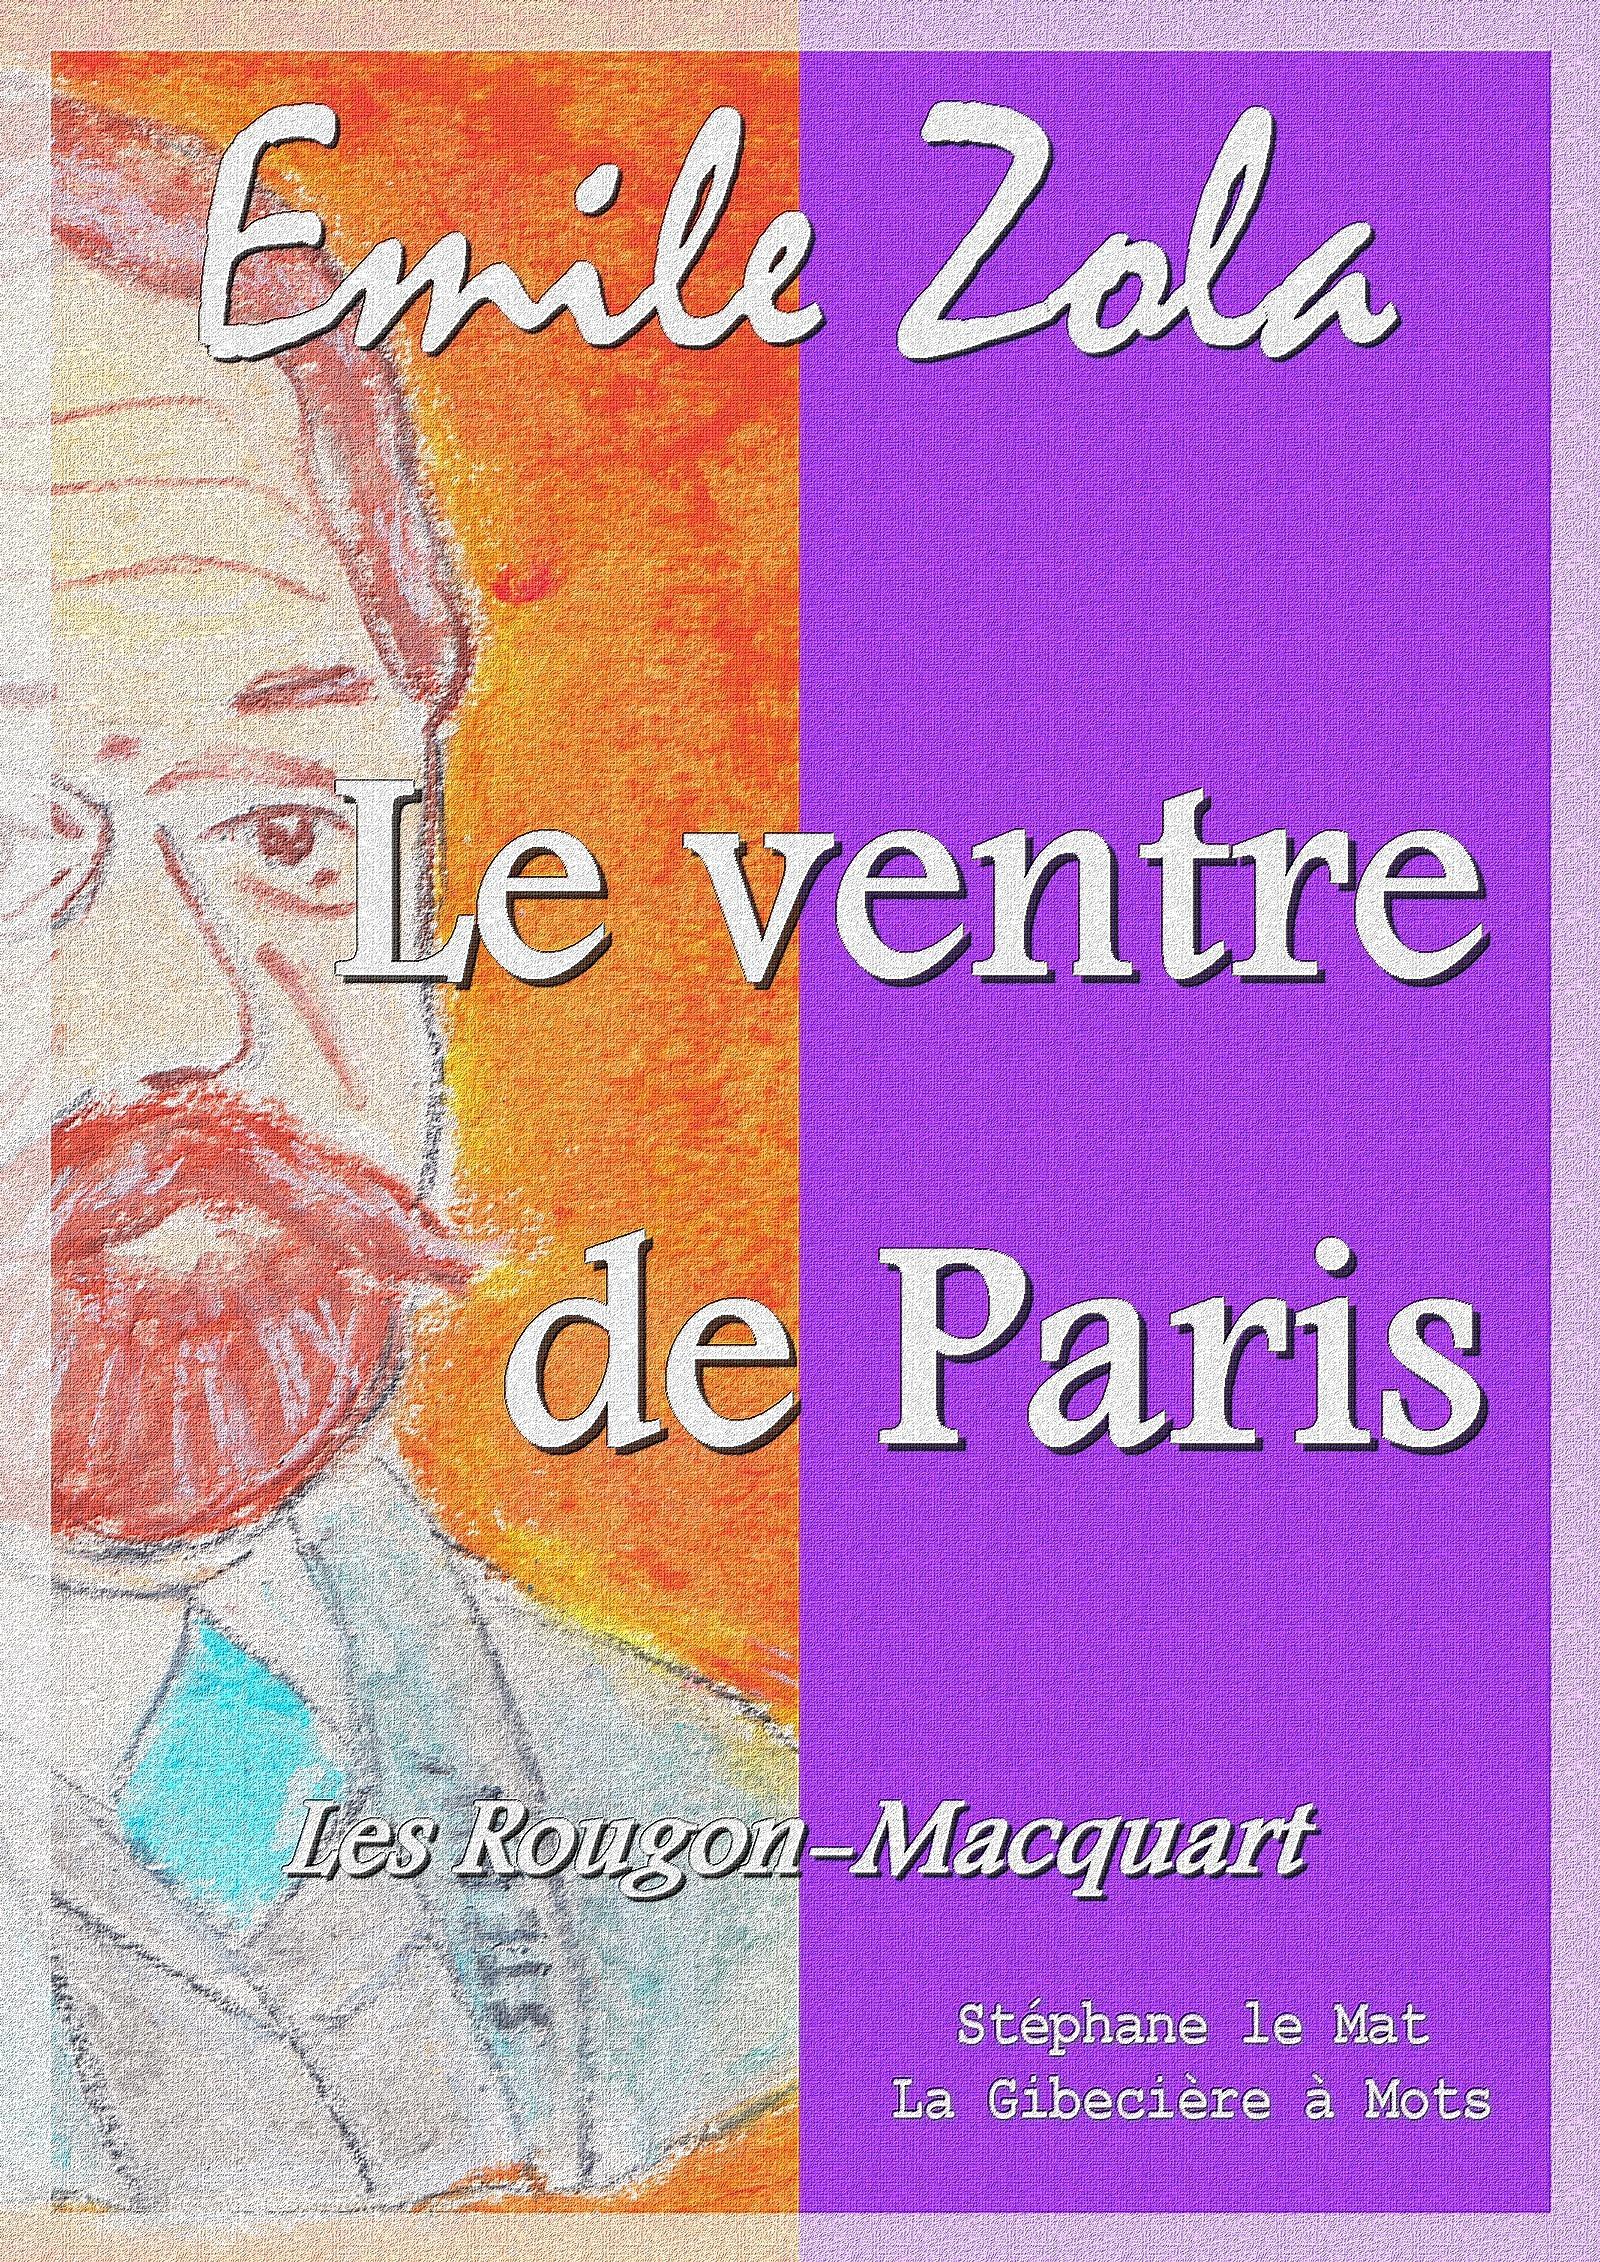 Le ventre de Paris, LES ROUGON MACQUART 3/20